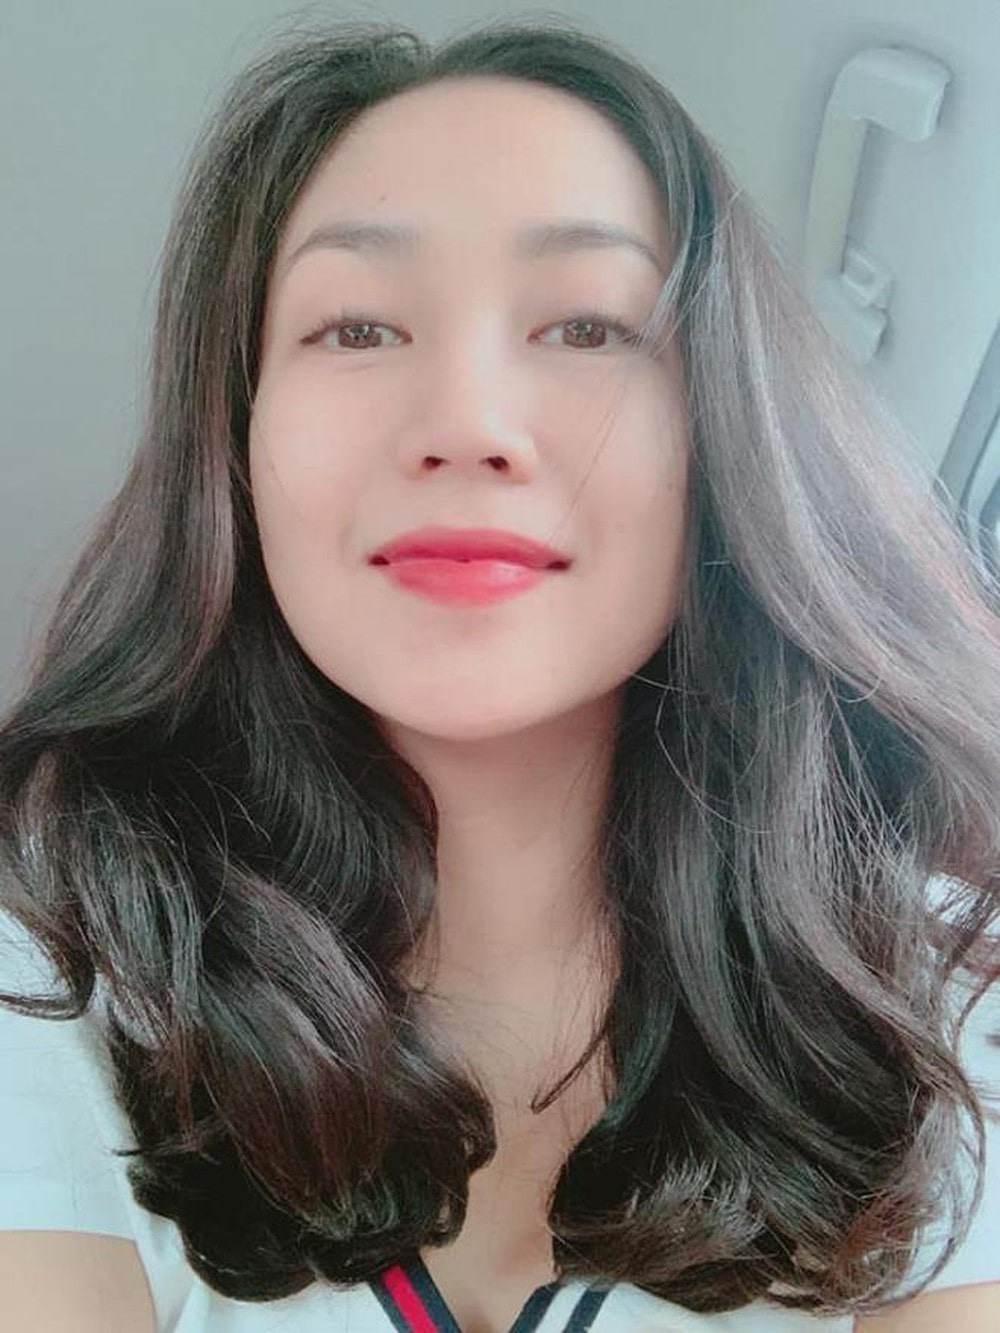 Bị chỉ trích vì làm lố tại gameshow, Ốc Thanh Vân vẫn tự tin khoe nhan sắc đẹp rụng rời - 10